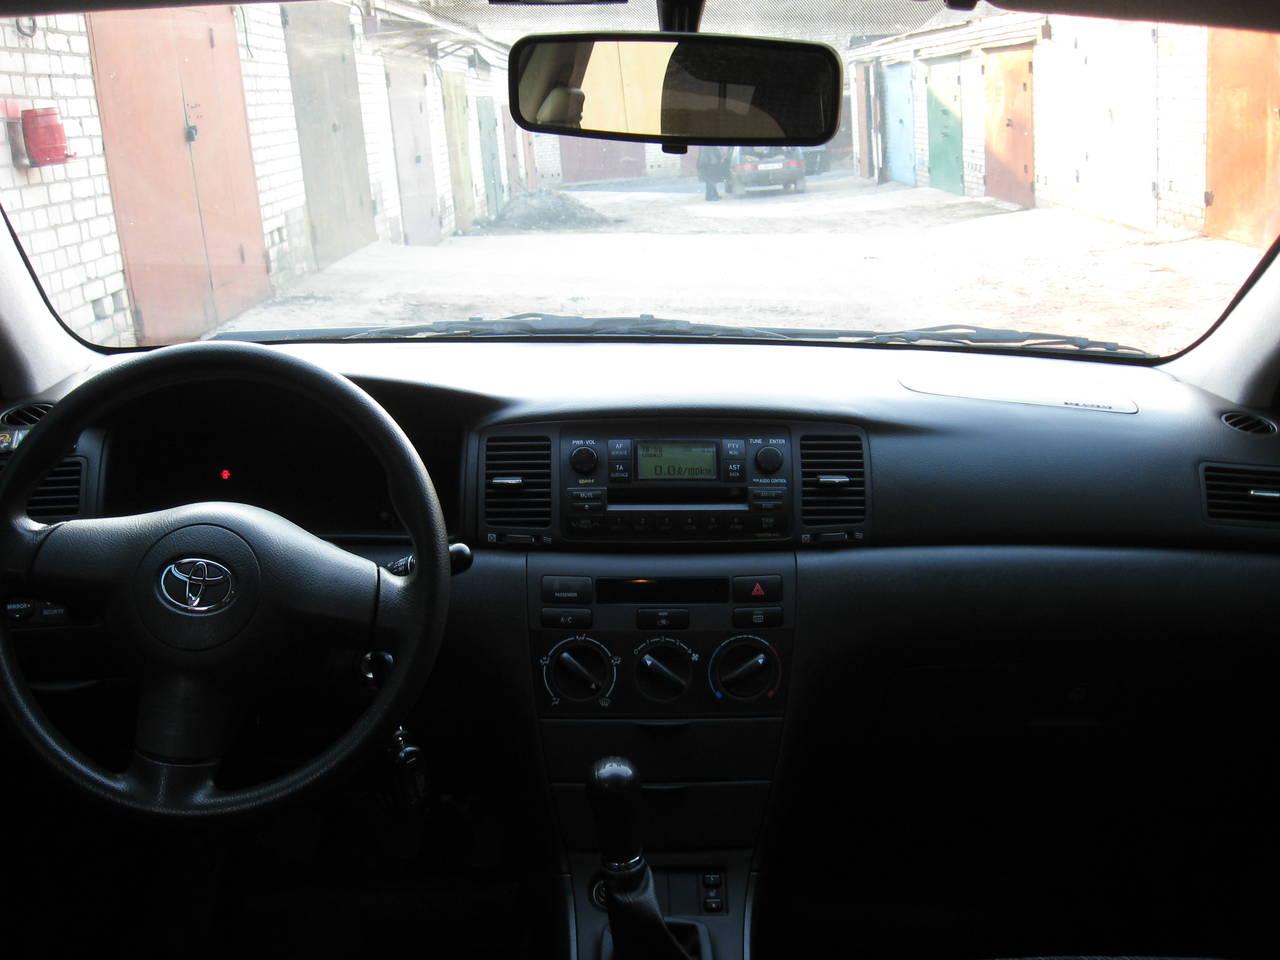 Toyota Королла 2006 кузов #10